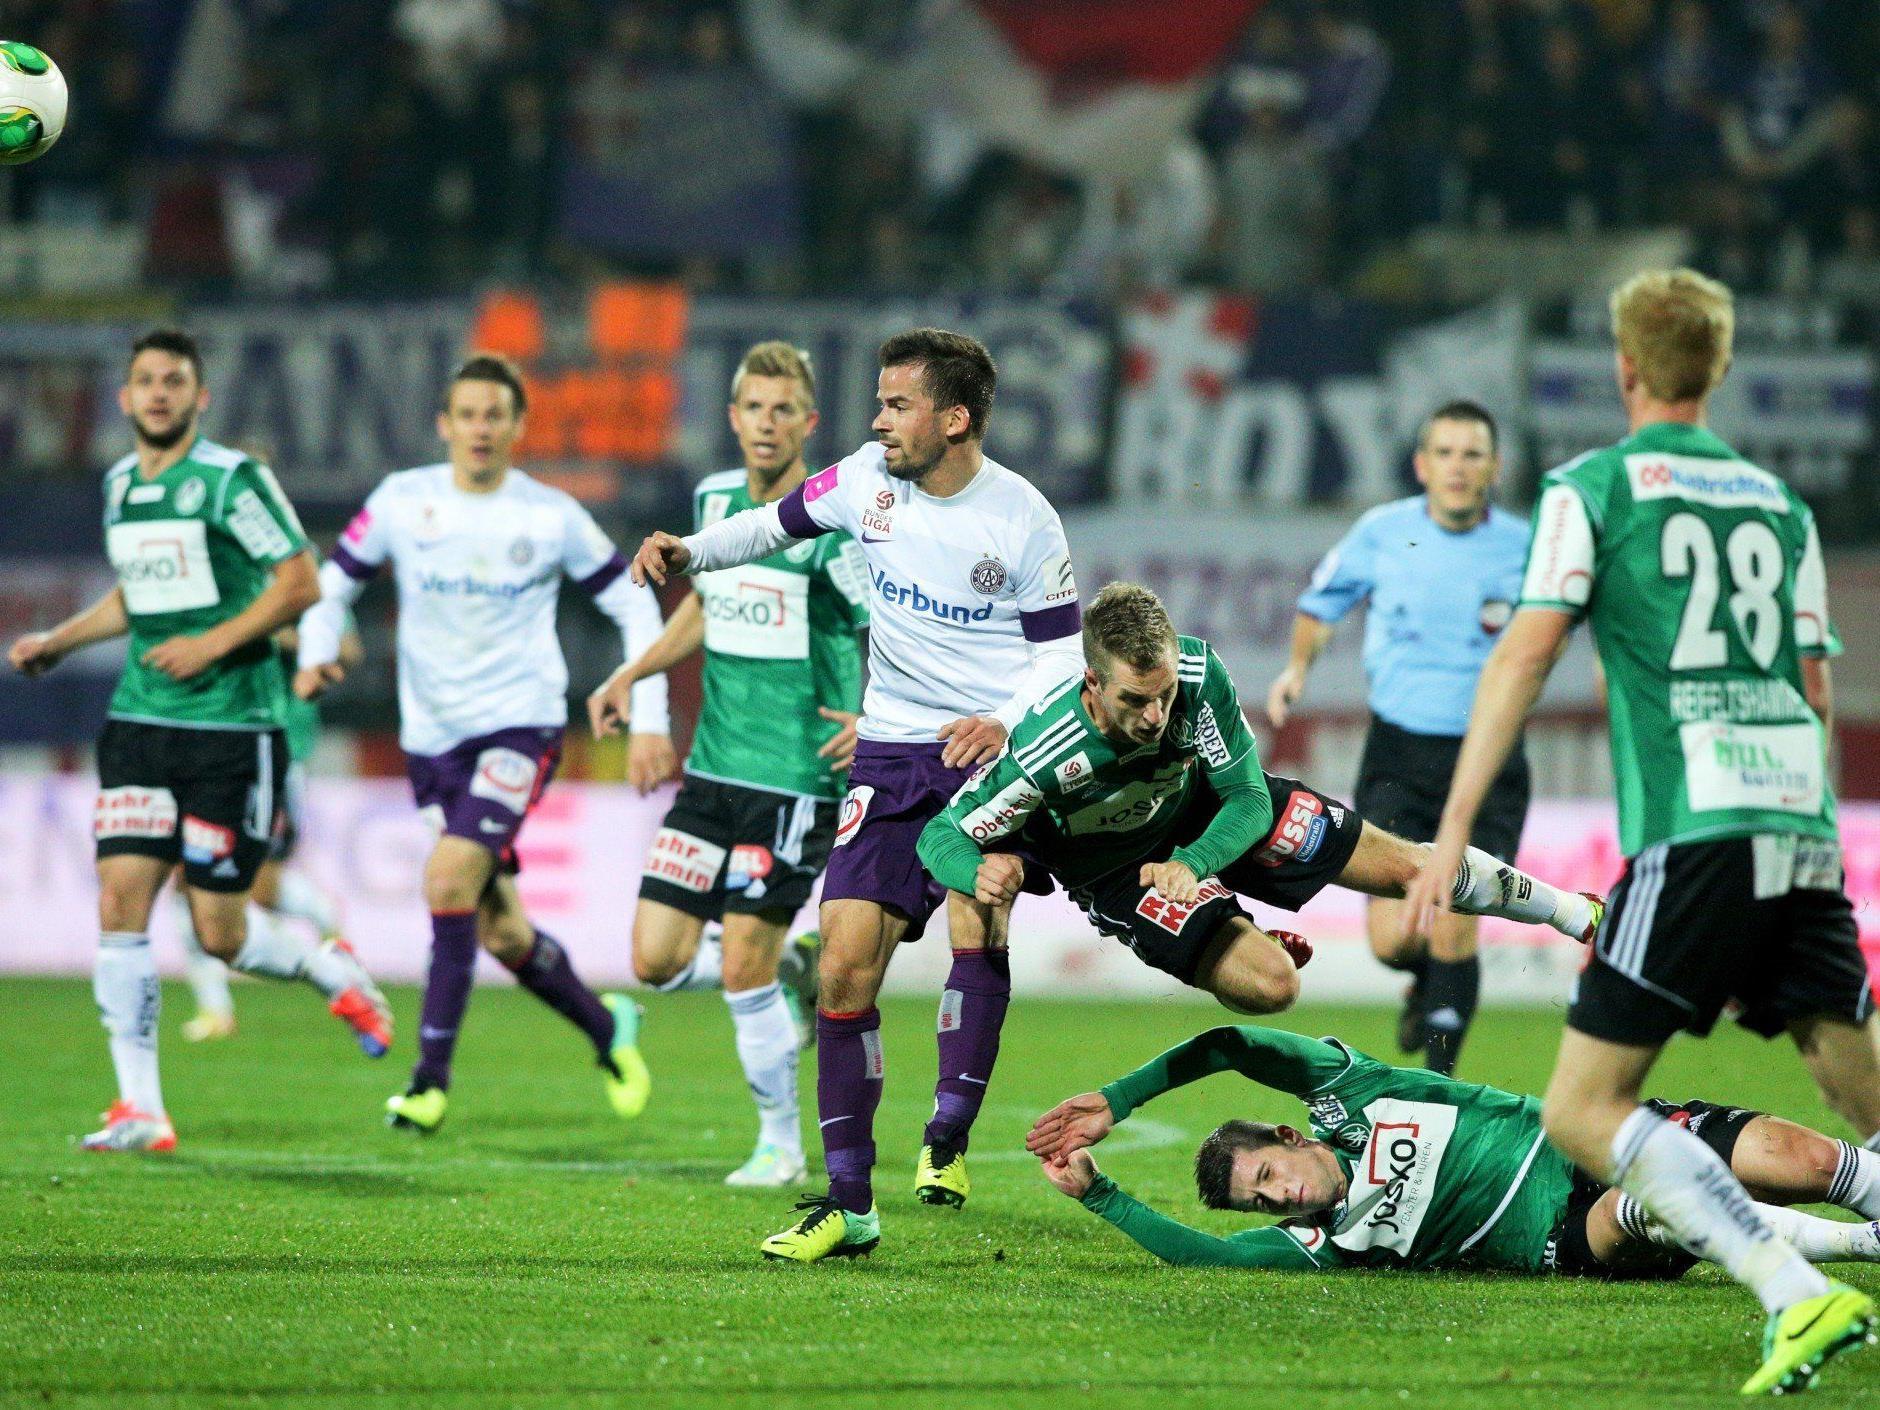 Fußball-Meister Austria Wien spielt vor vor CL-Auftritt nur 1:1 gegen Ried